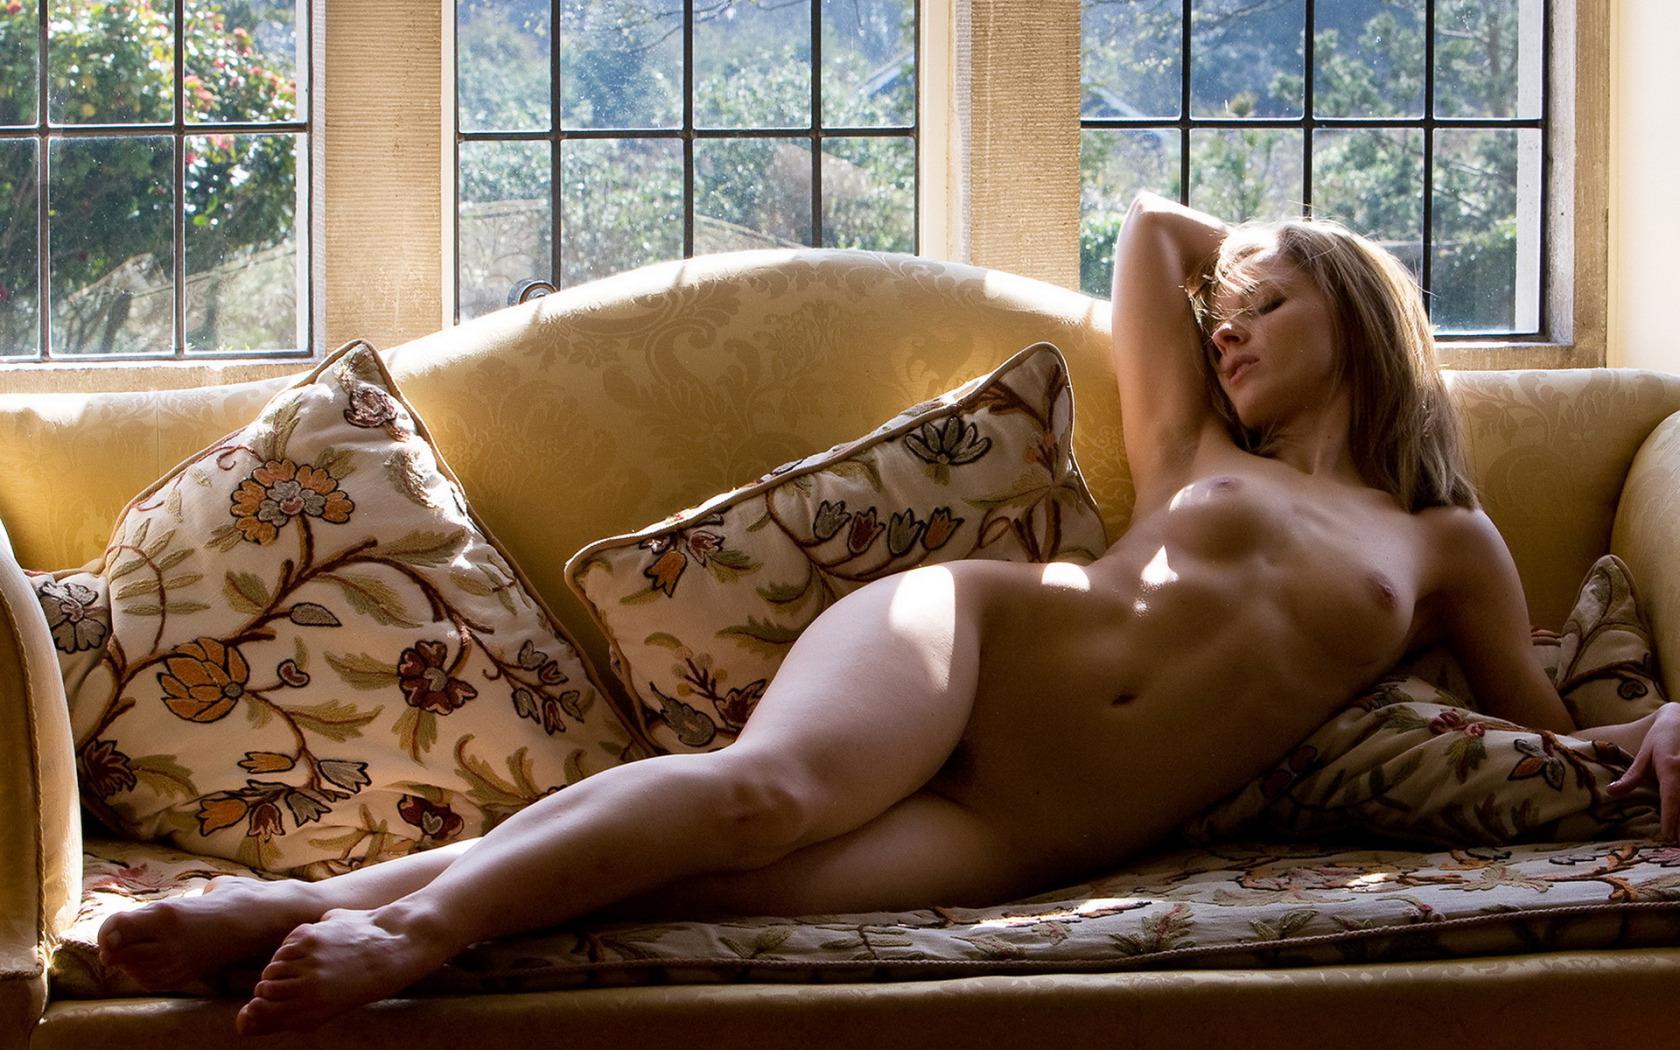 Эротика в одежде девушки, Секс в одежде популярные видео 18 фотография